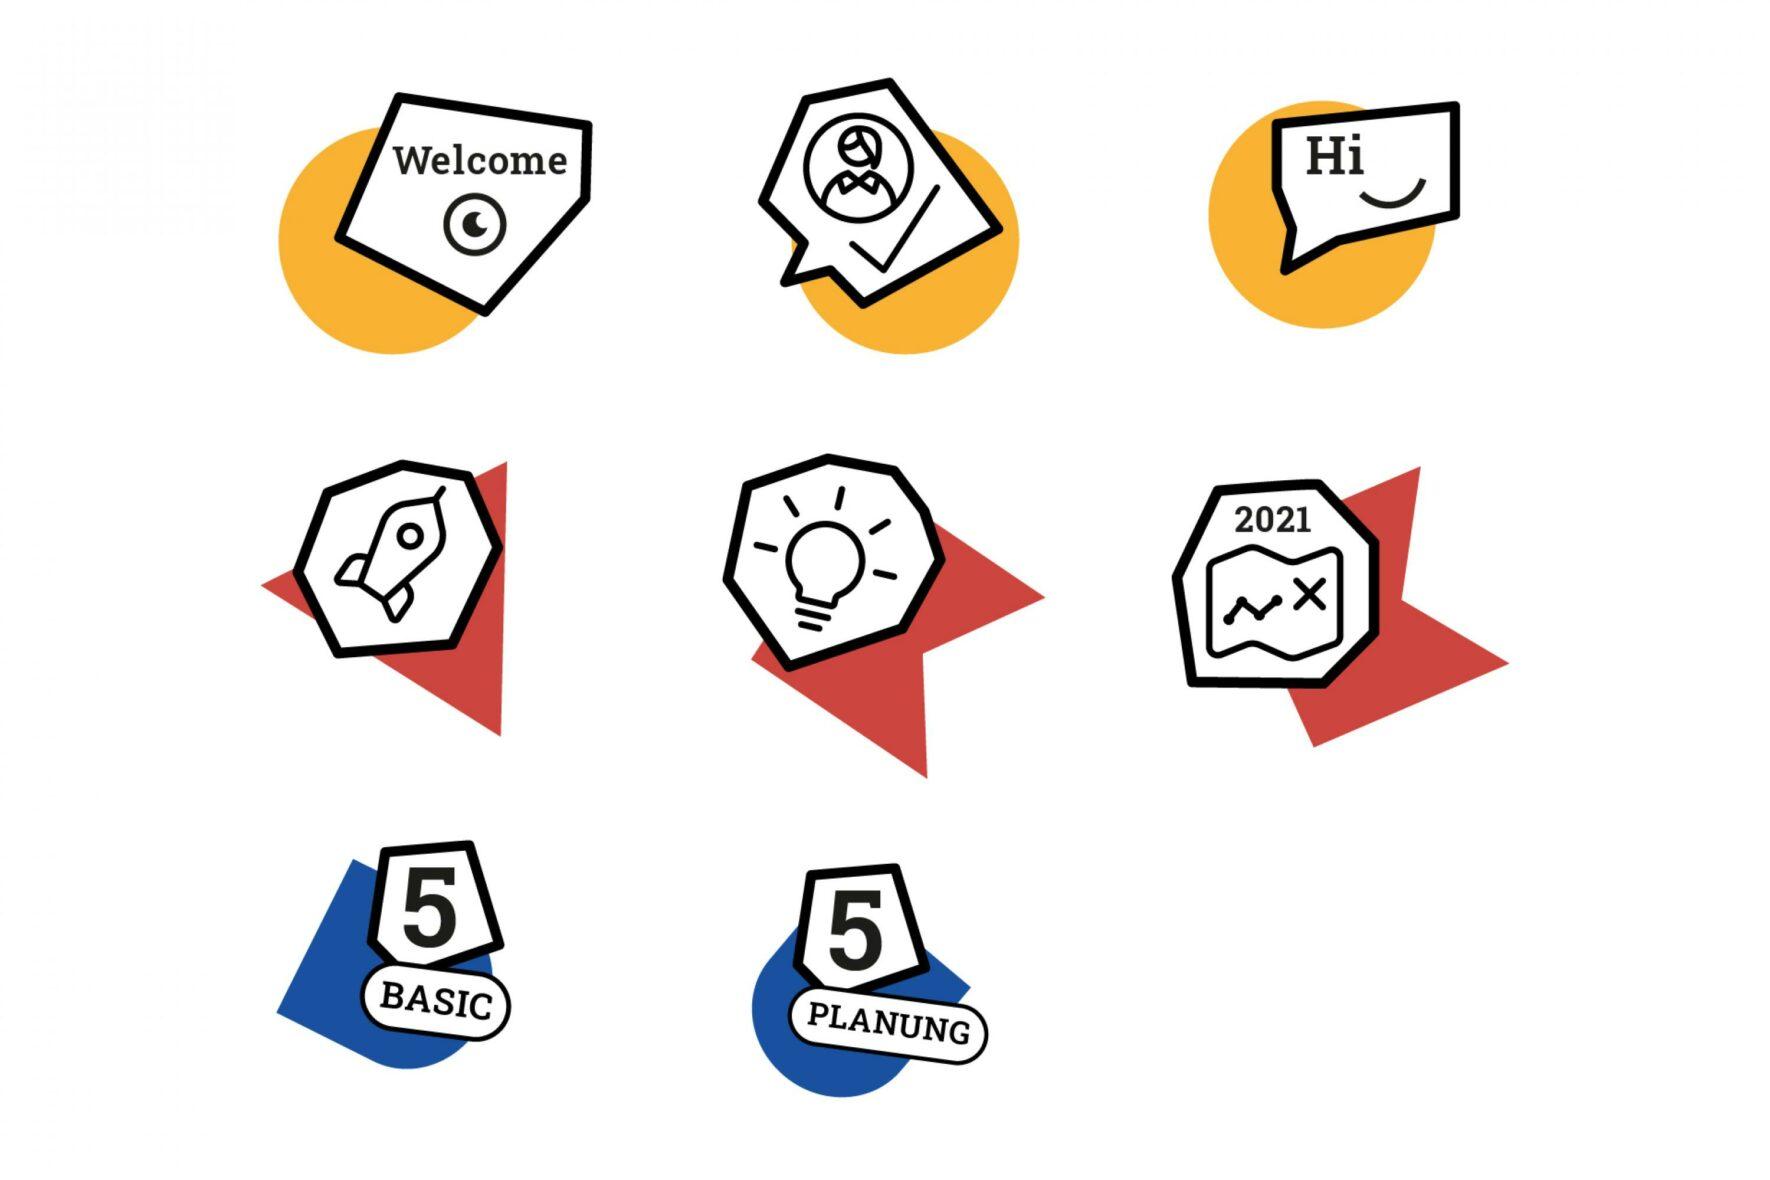 Magnetprodukt-Club-Design-Bradning-FORMLOS-Berlin-Plattform-Badges Kopie 3